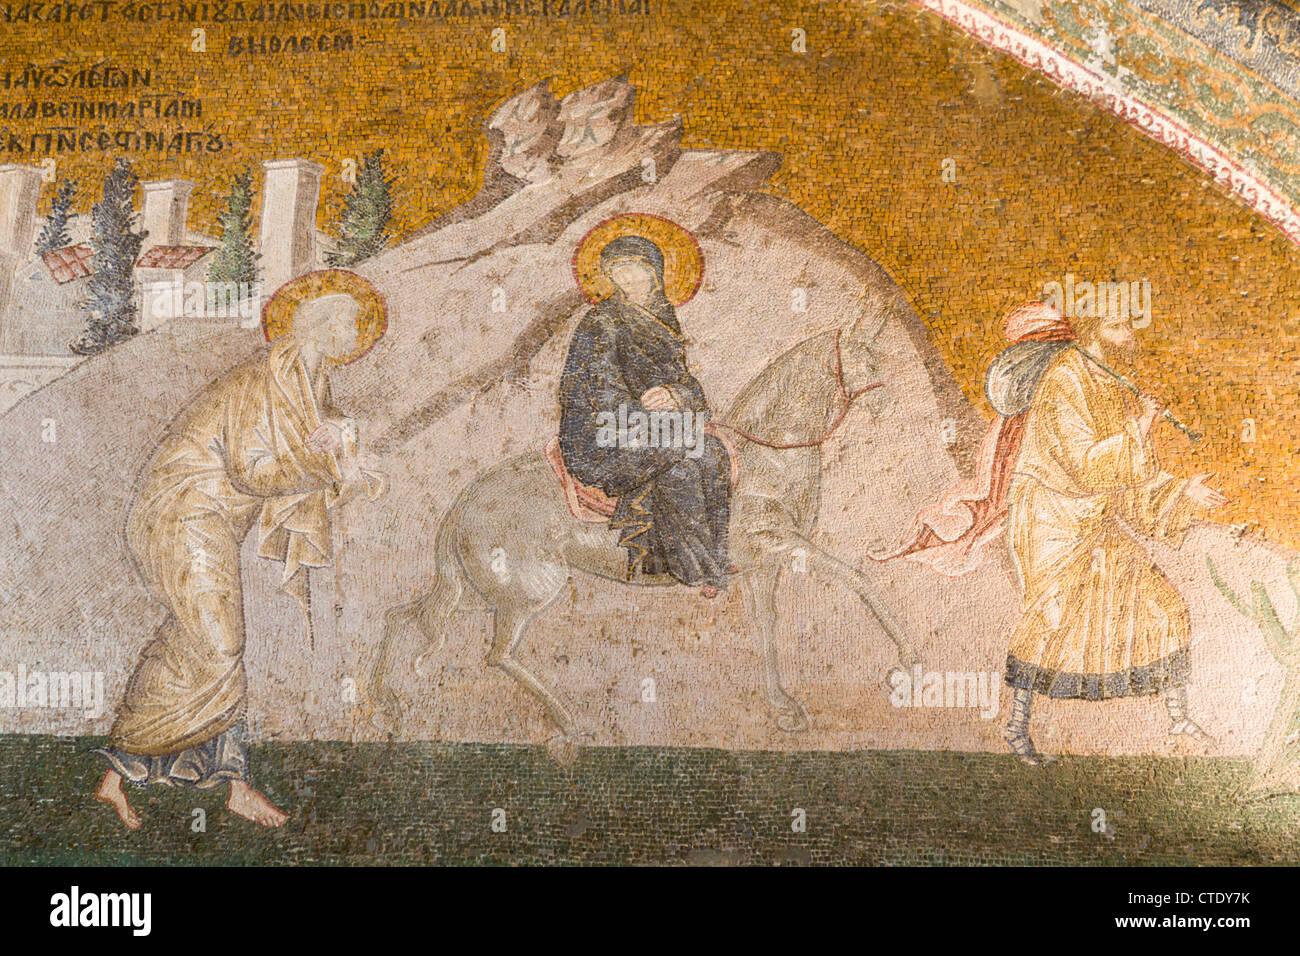 Istanbul, Türkei. Byzantinische Kirche des St. Saviour in Chora. Mosaik der Jungfrau Maria und Josef auf dem Stockbild